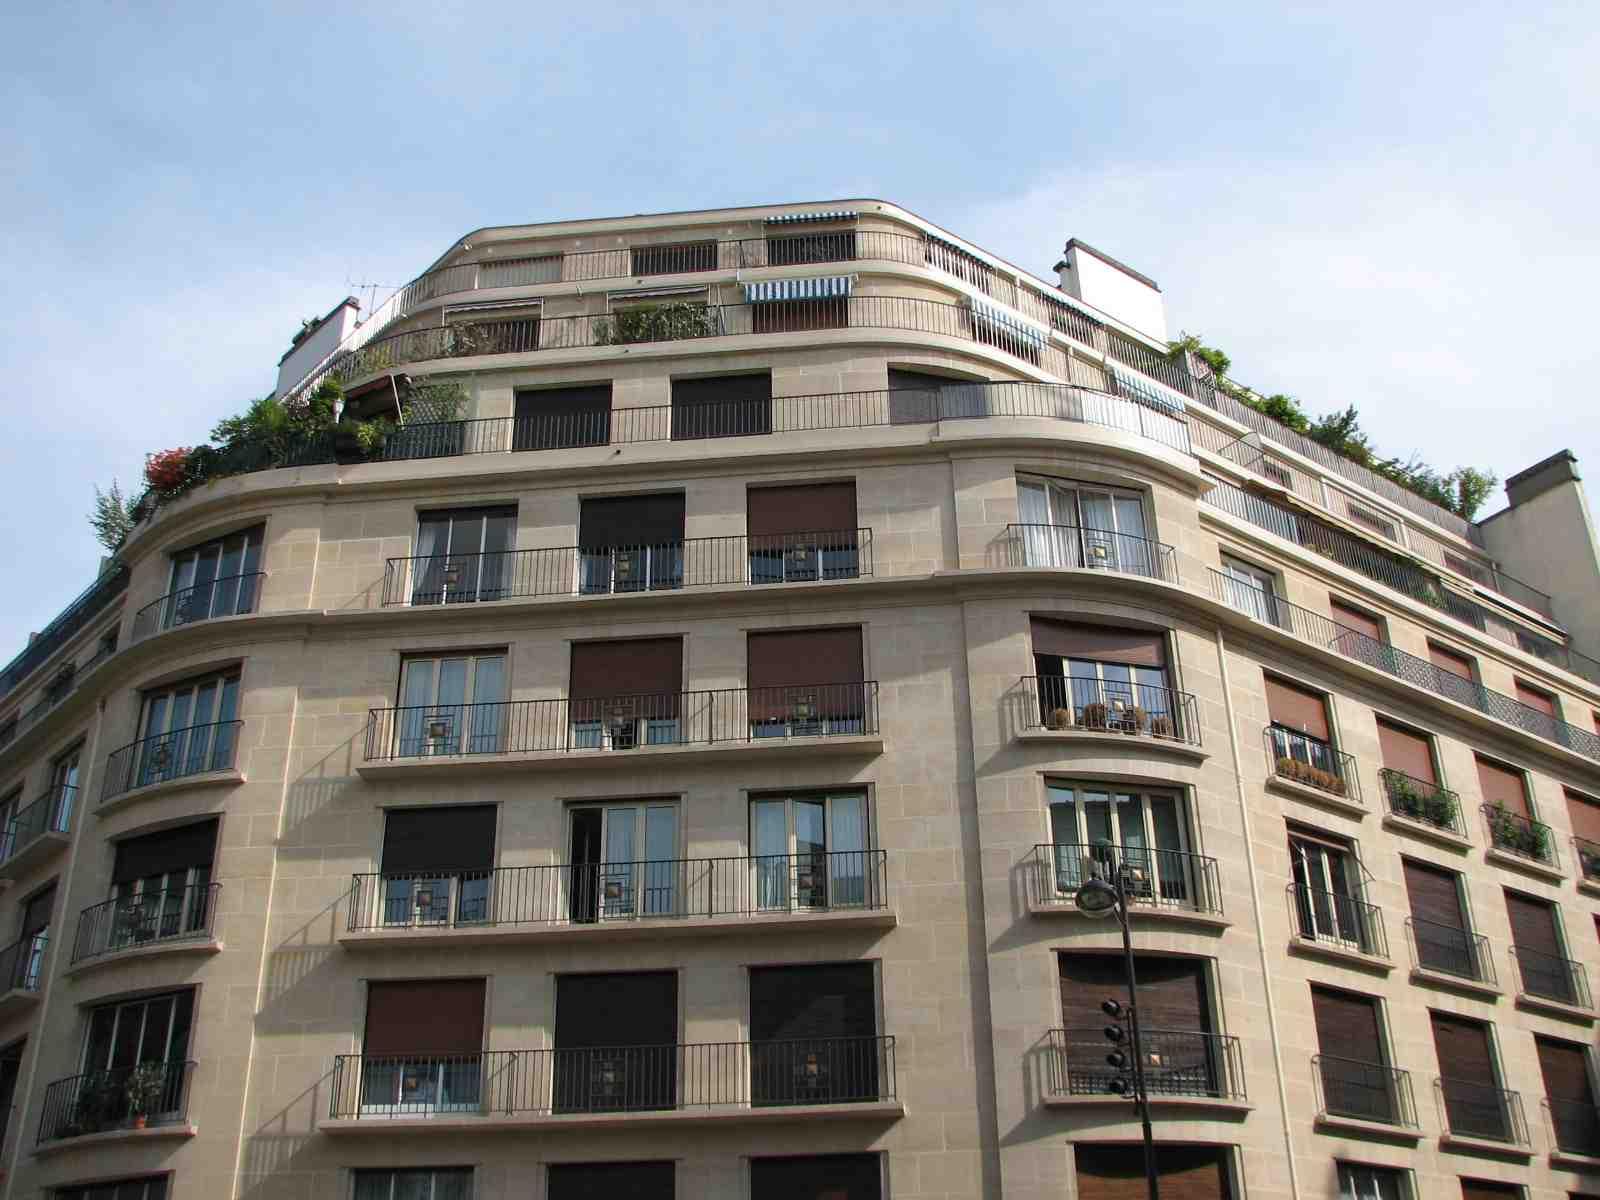 appartement à vendre paris 75116, 27m2 balcons terrasse, 8eme étage